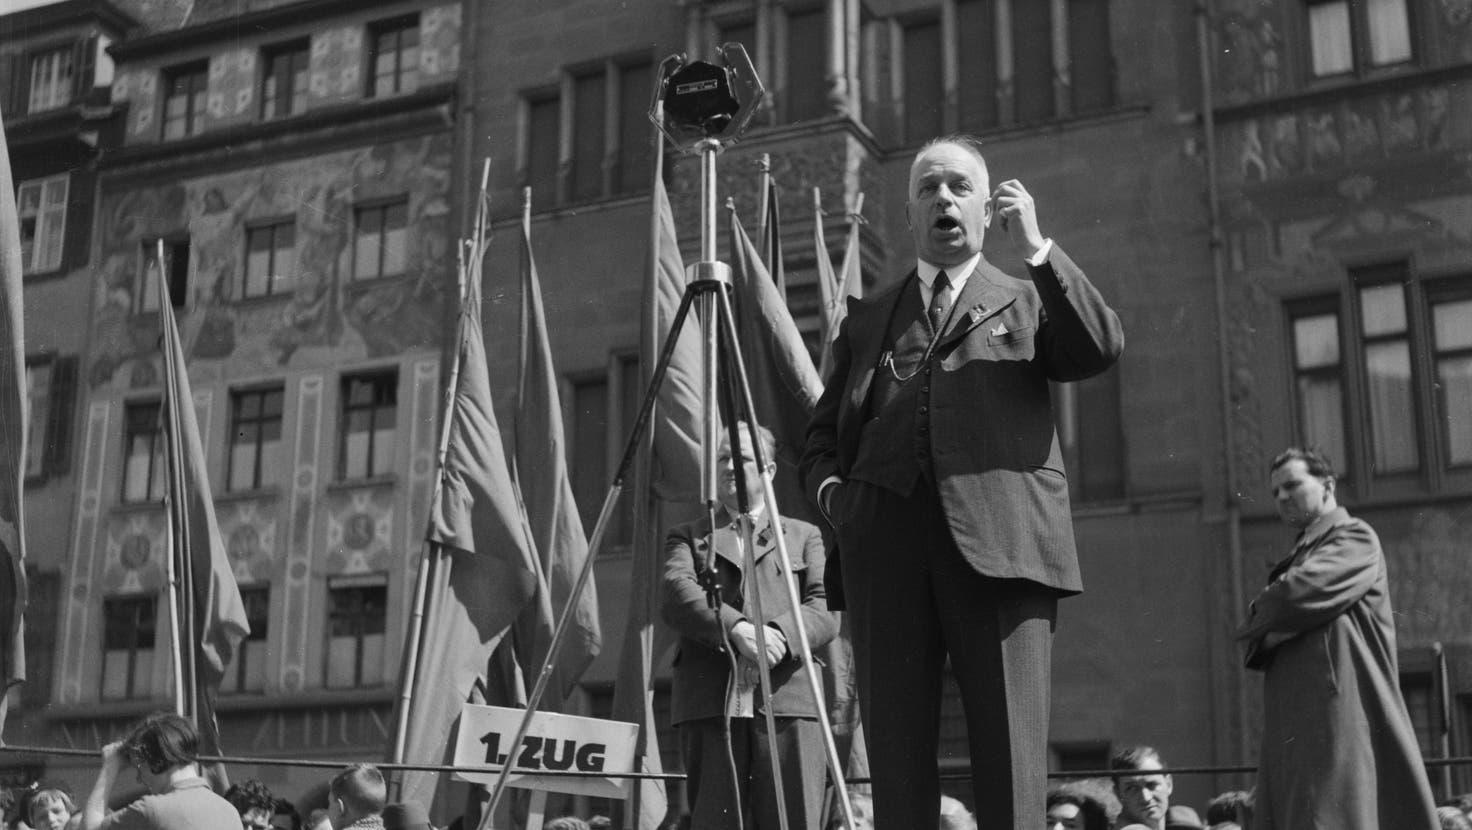 Fritz Hauser spricht an der 1. Mai-Feier 1935 auf dem Marktplatz. (Bild: Lothar Jeck)